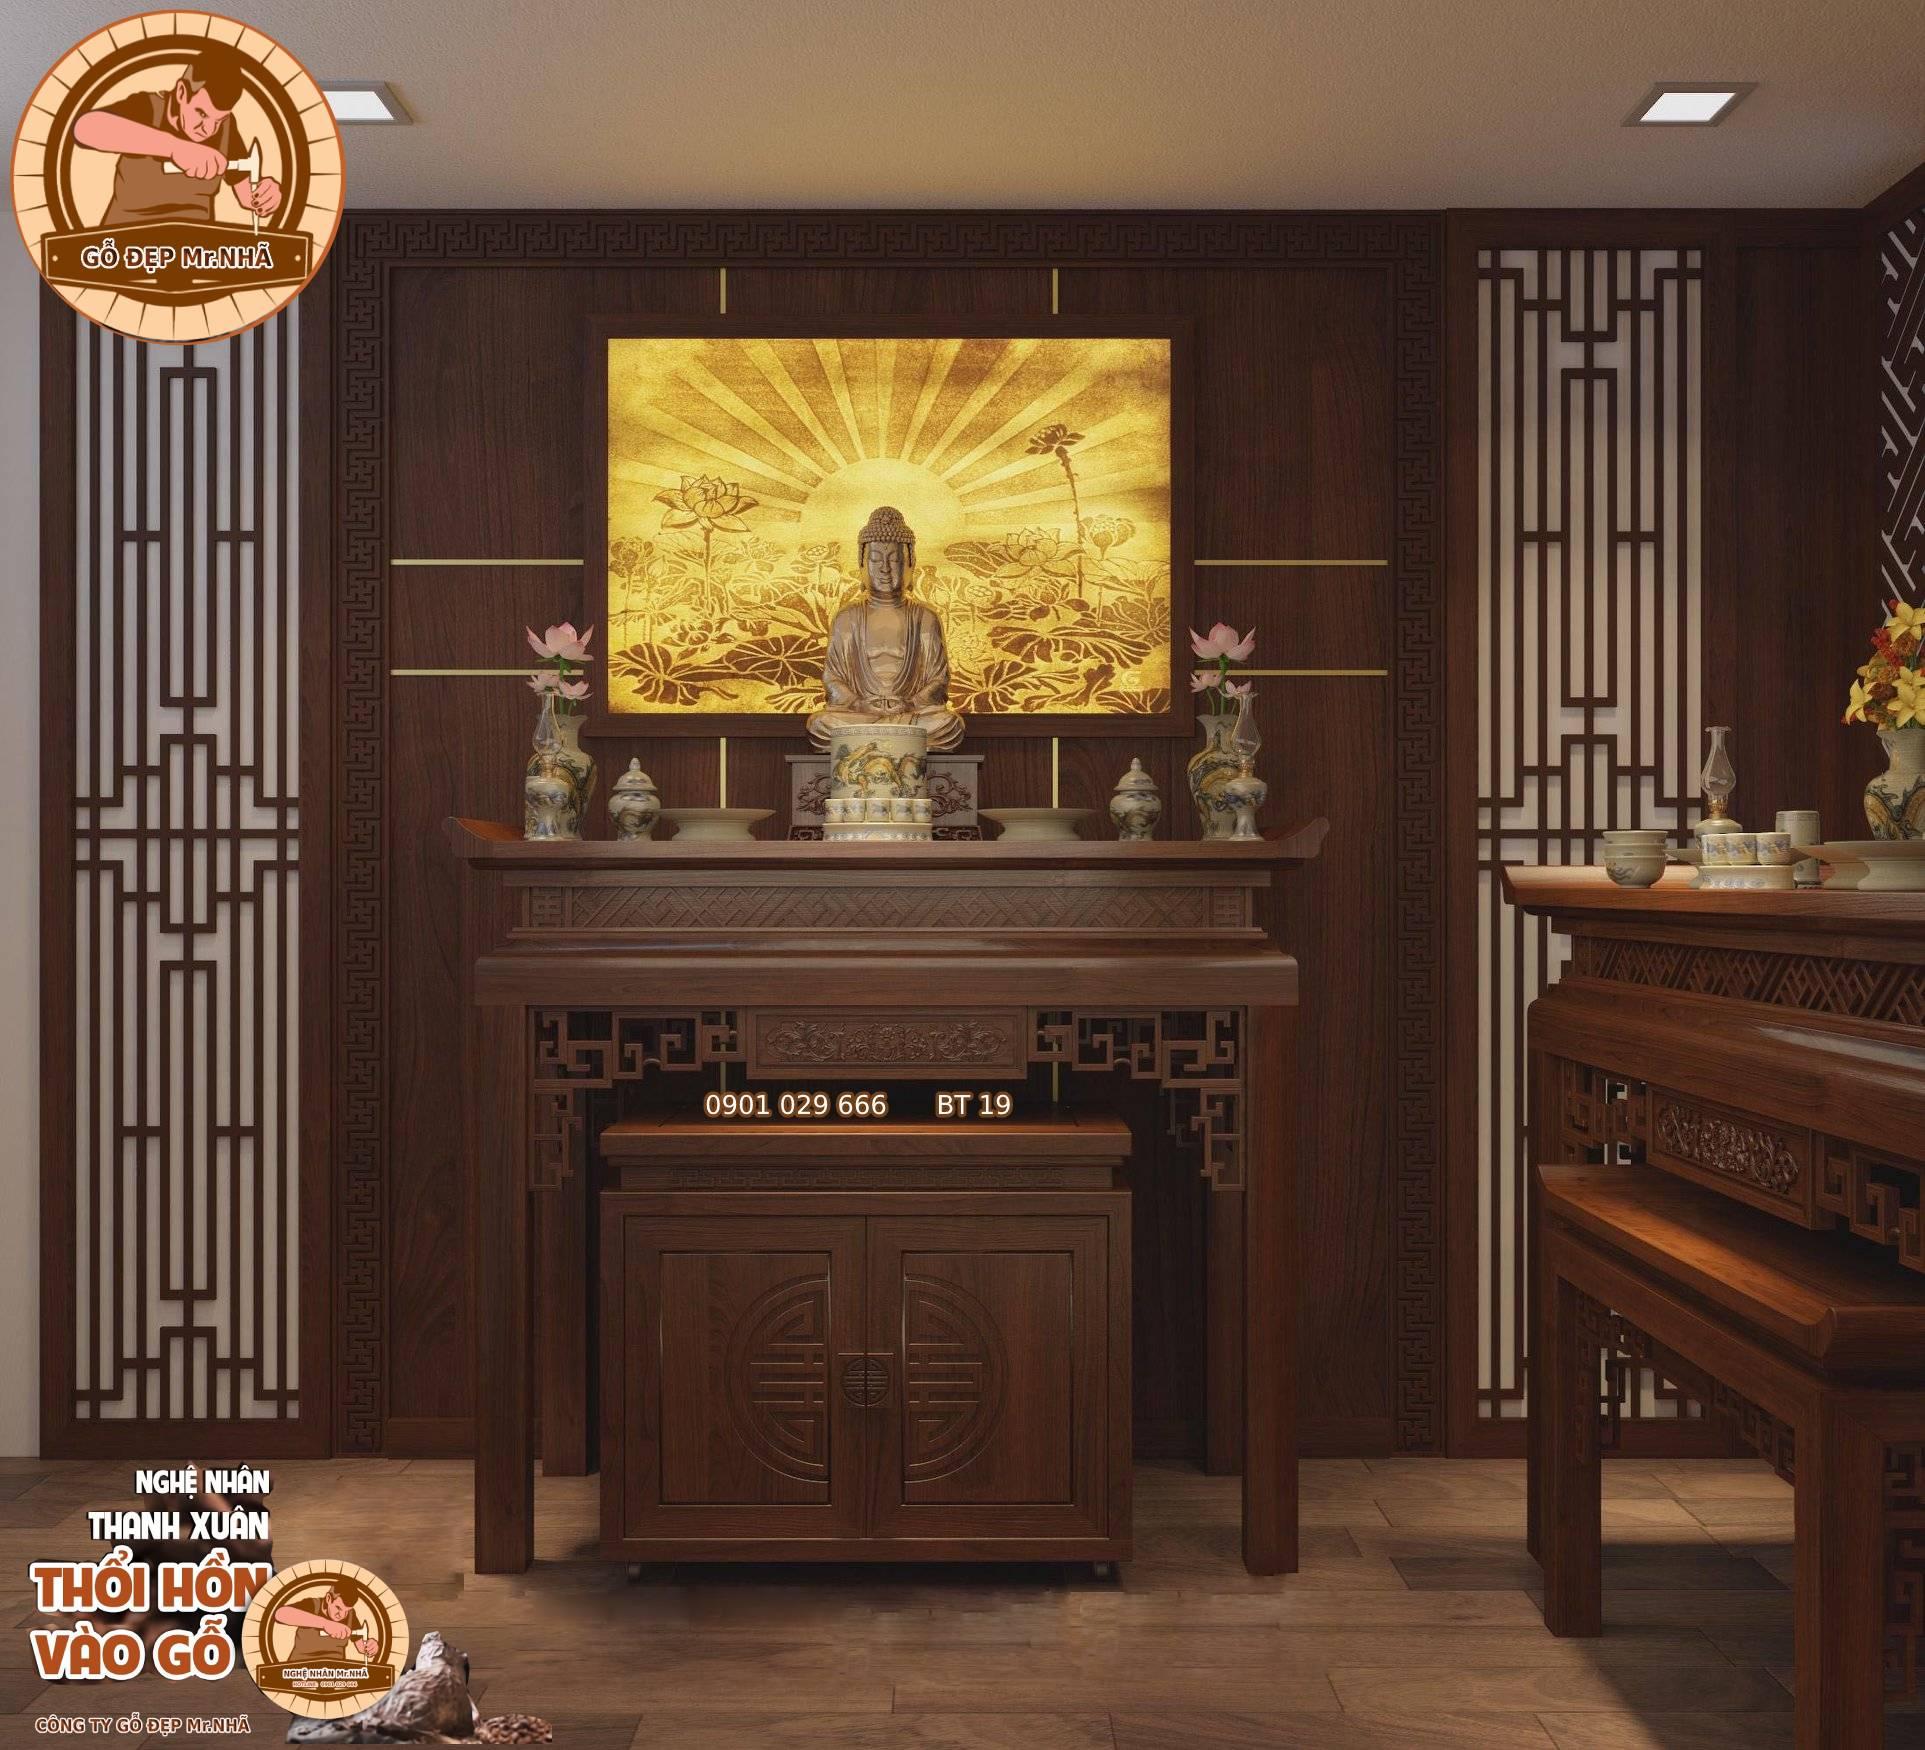 Bàn Thờ Gỗ Sồi BT 19 - Mẫu bàn thờ Đại Phát